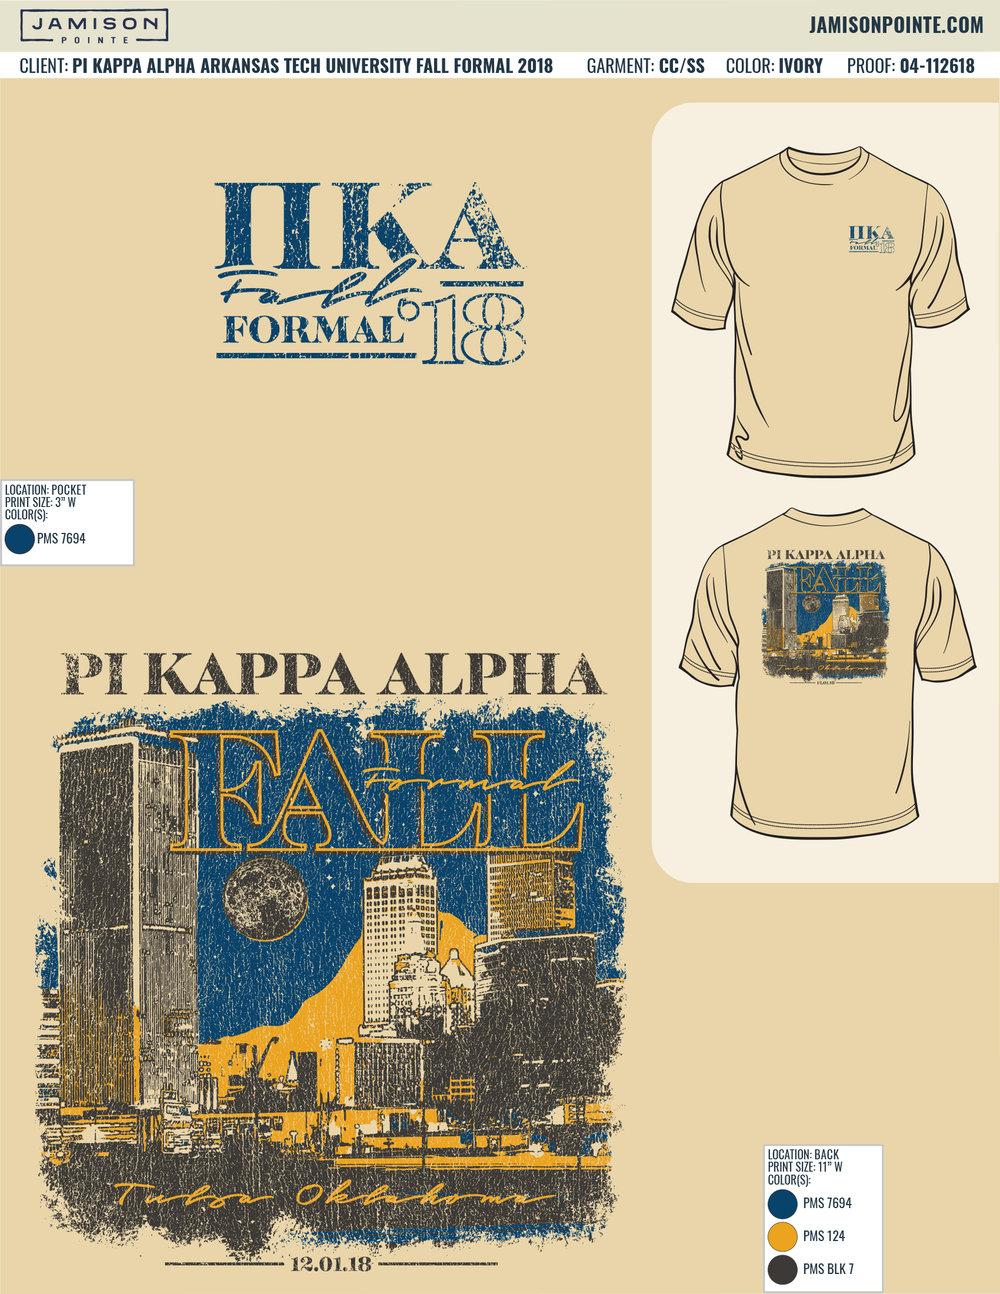 04-112618 Pi Kappa Alpha Arkansas Tech University Fall Formal 2018 2.jpg